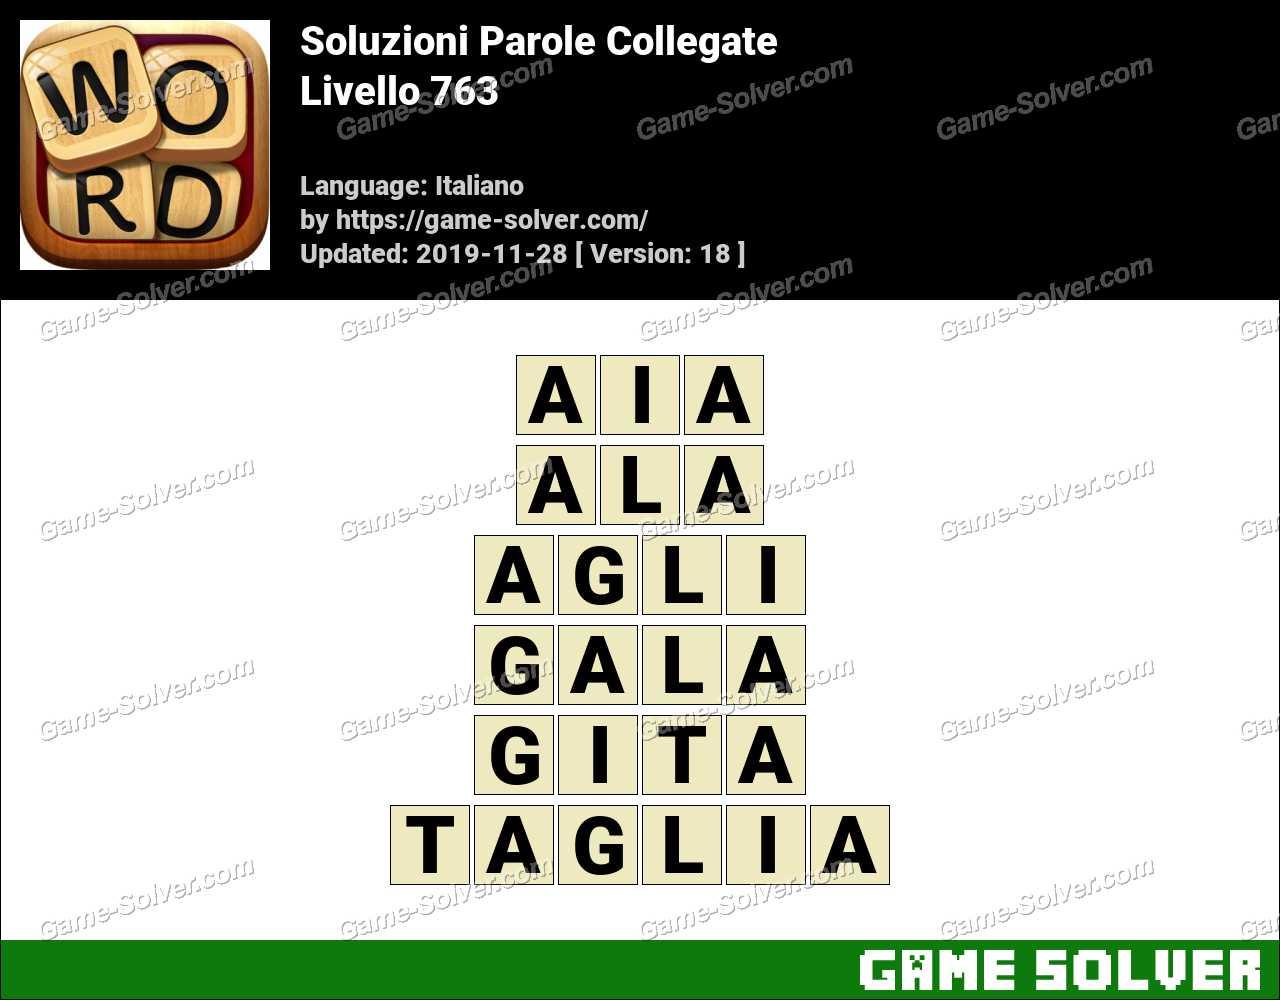 Soluzioni Parole Collegate Livello 763